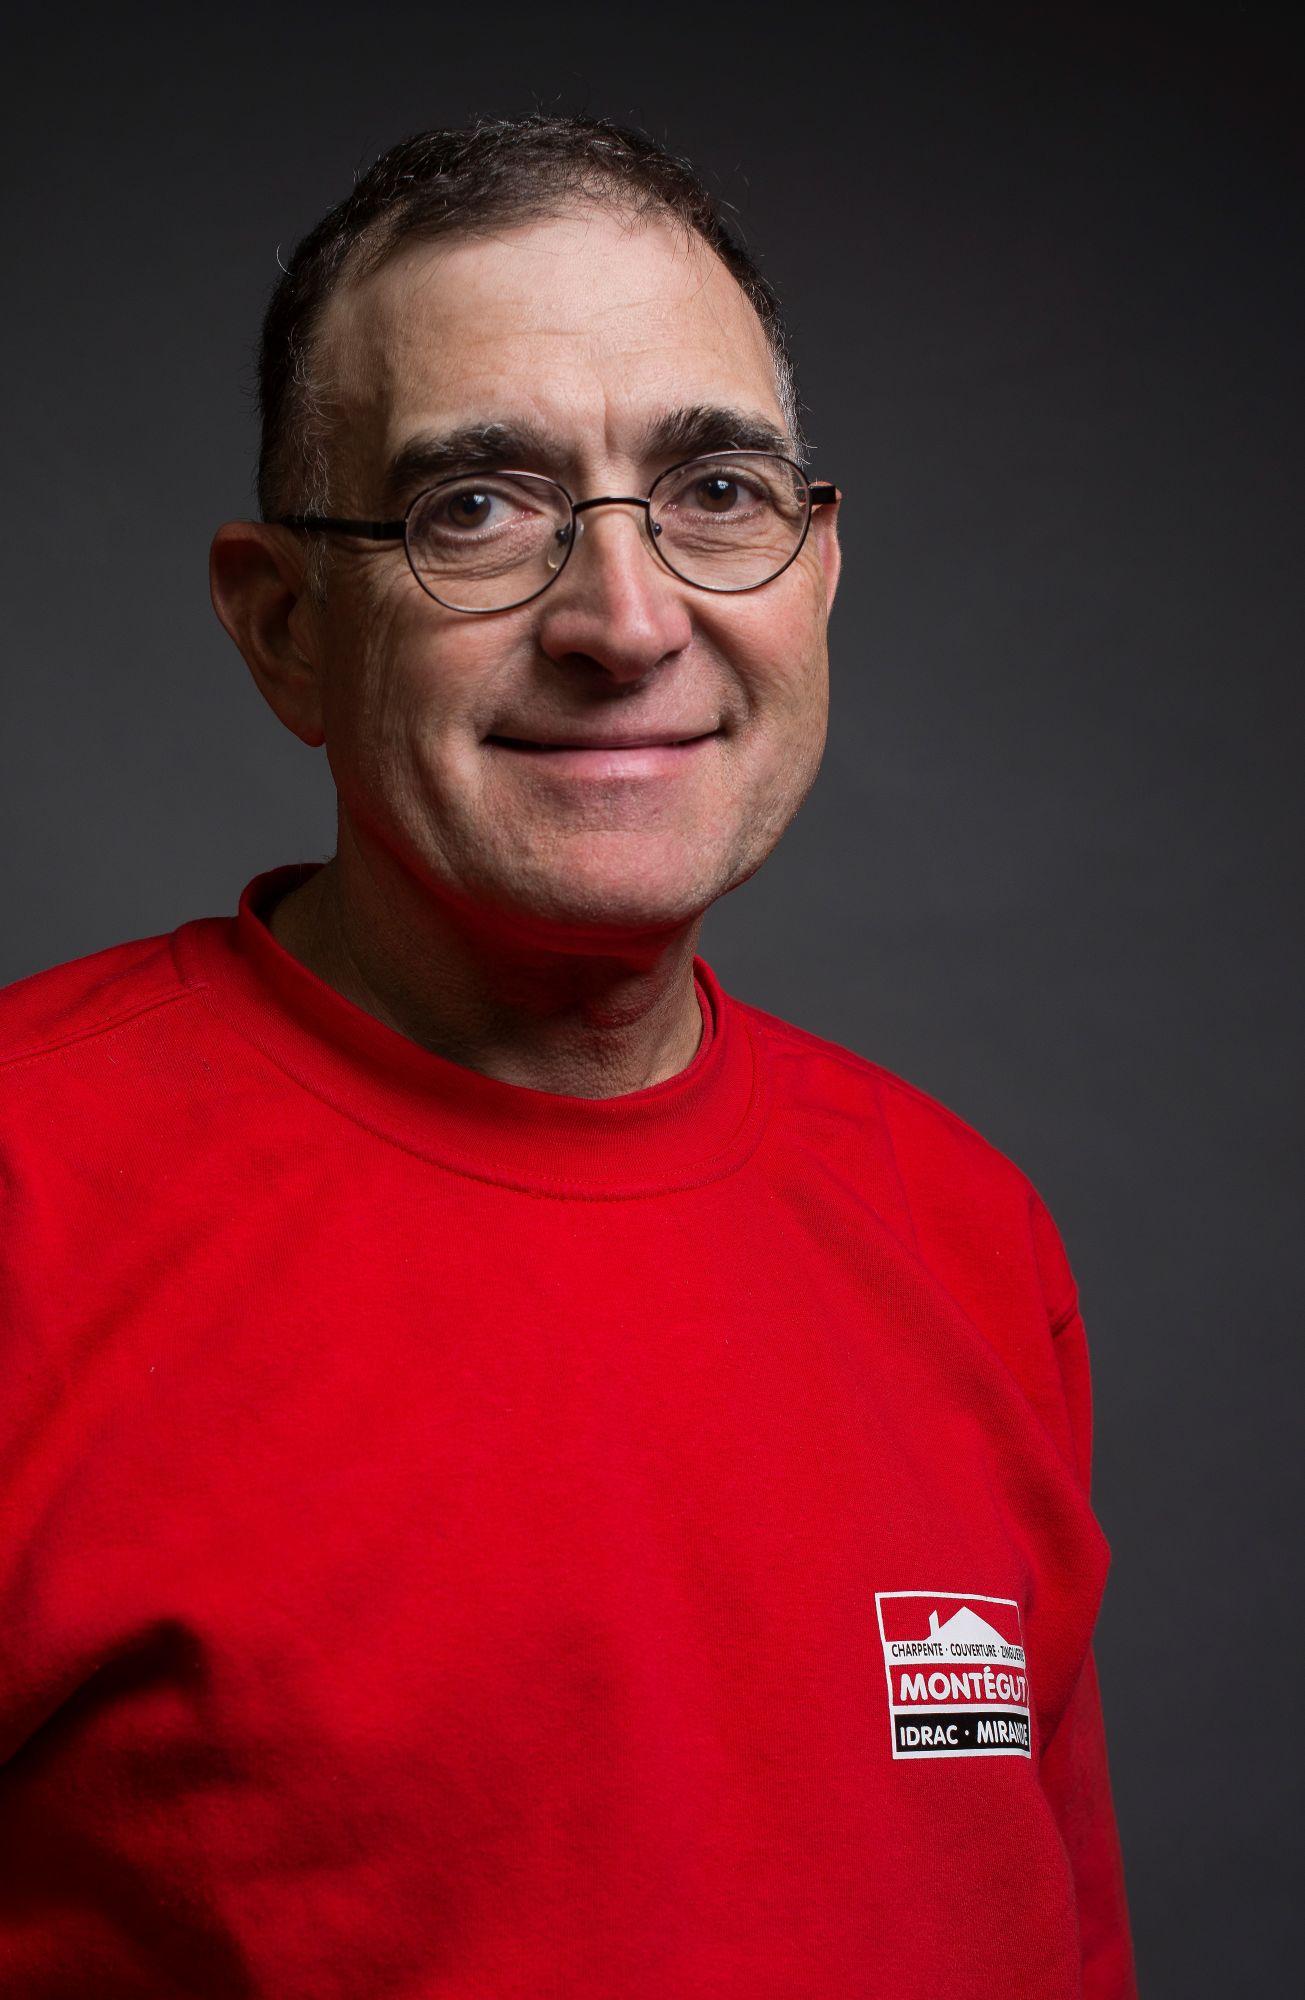 Thierry Montégut